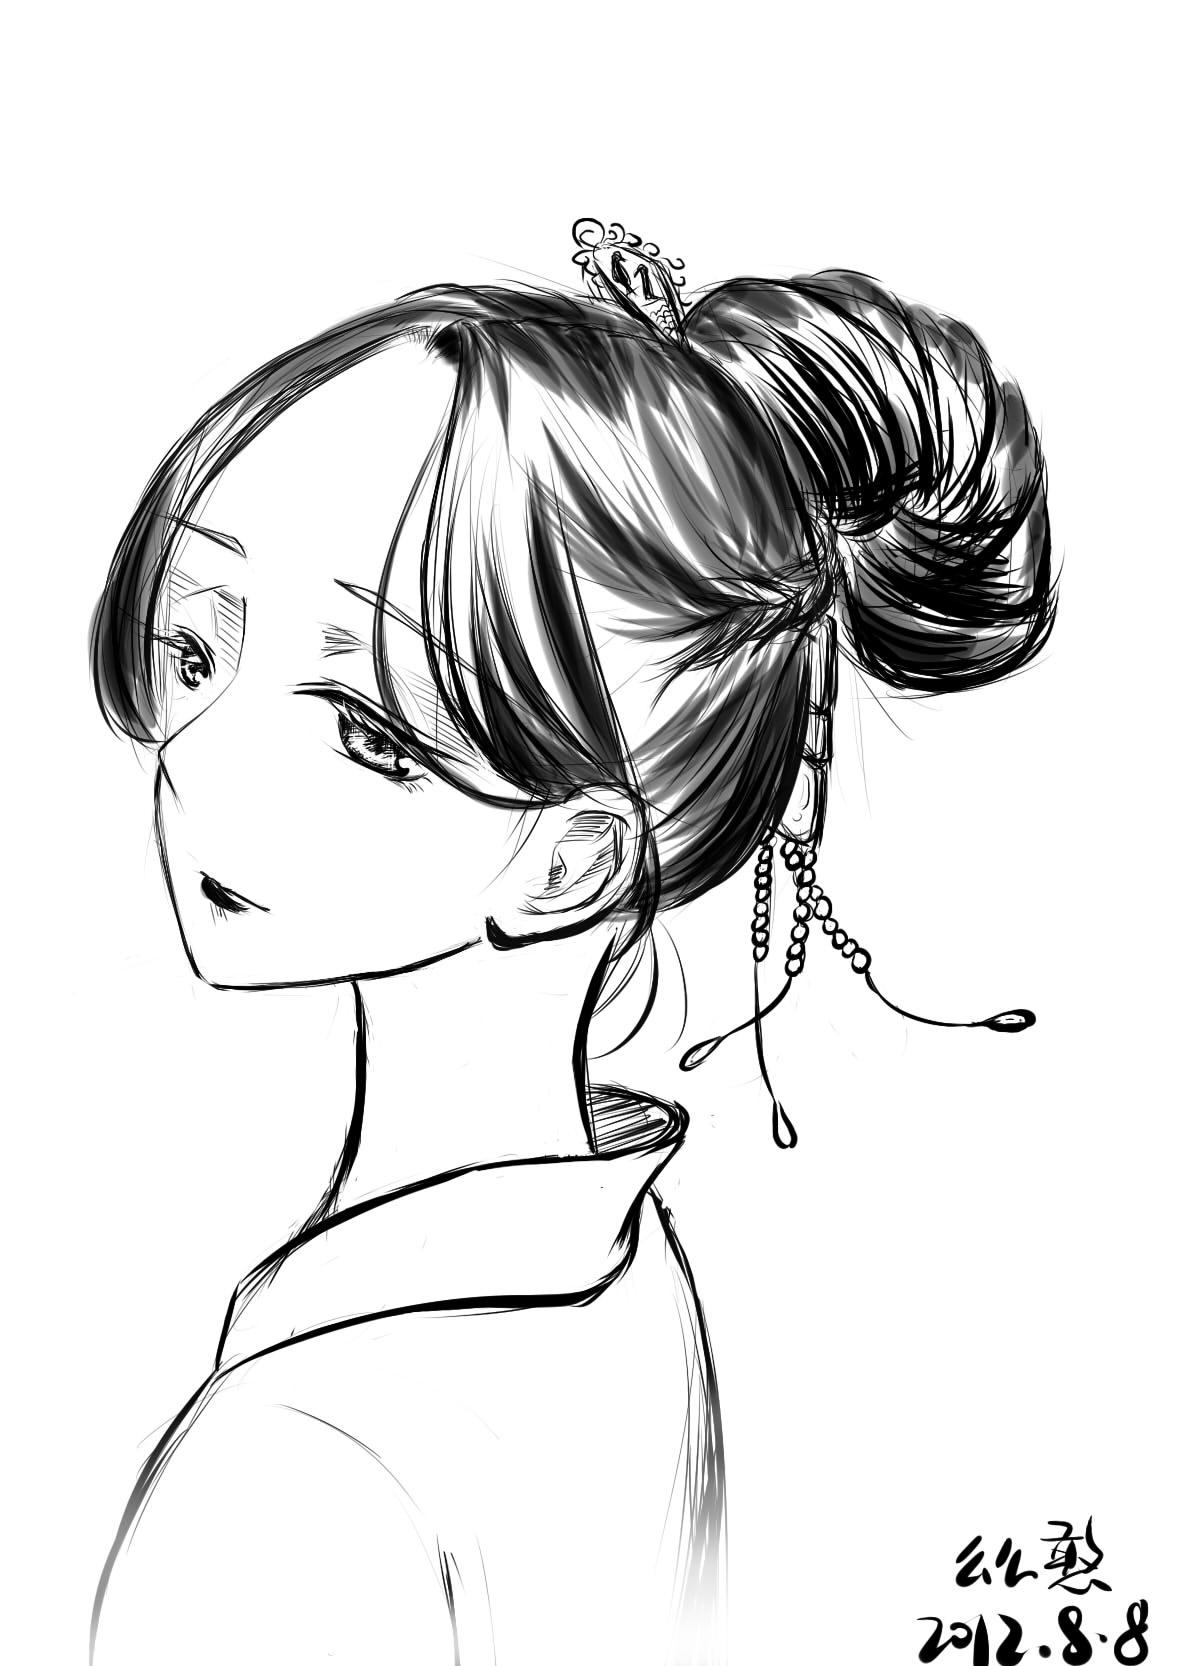 发型设计 刘海的古风扎法 > 令人心动的古风盘发(2)  令人心动的古风图片